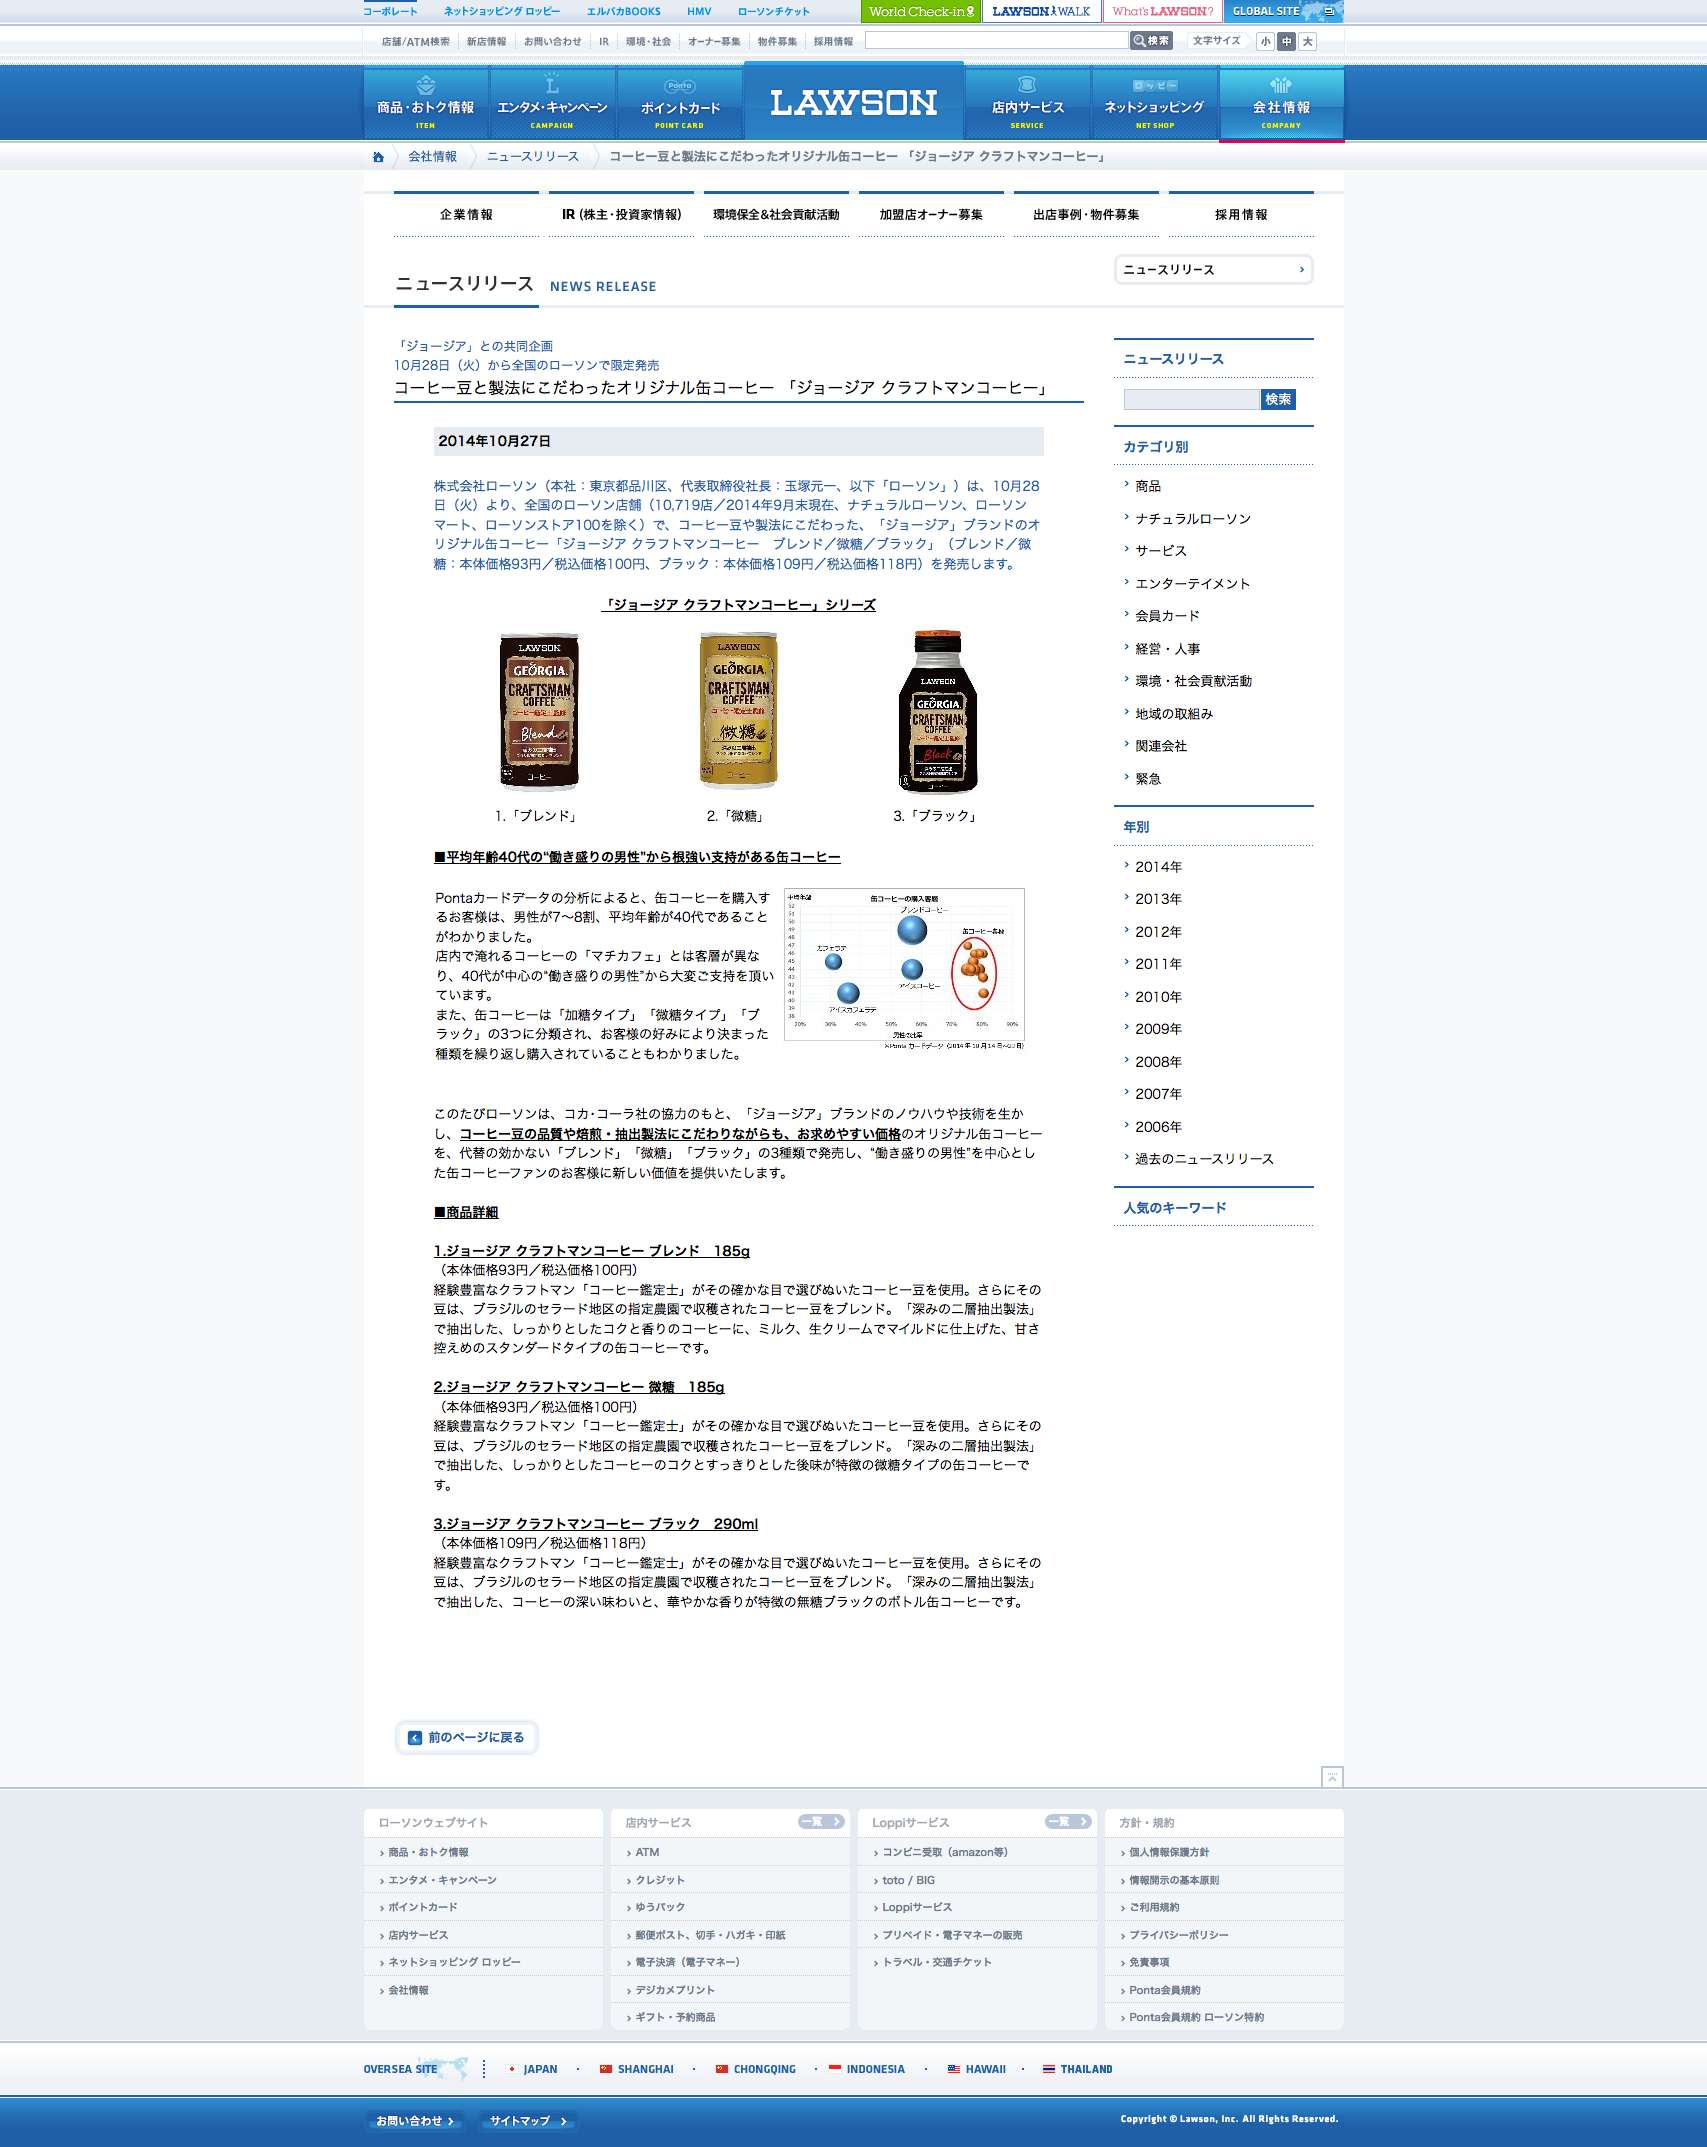 コーヒー豆と製法にこだわったオリジナル缶コーヒー 「ジョージア クラフトマンコーヒー」  ニュースリリース  会社情報  ローソン